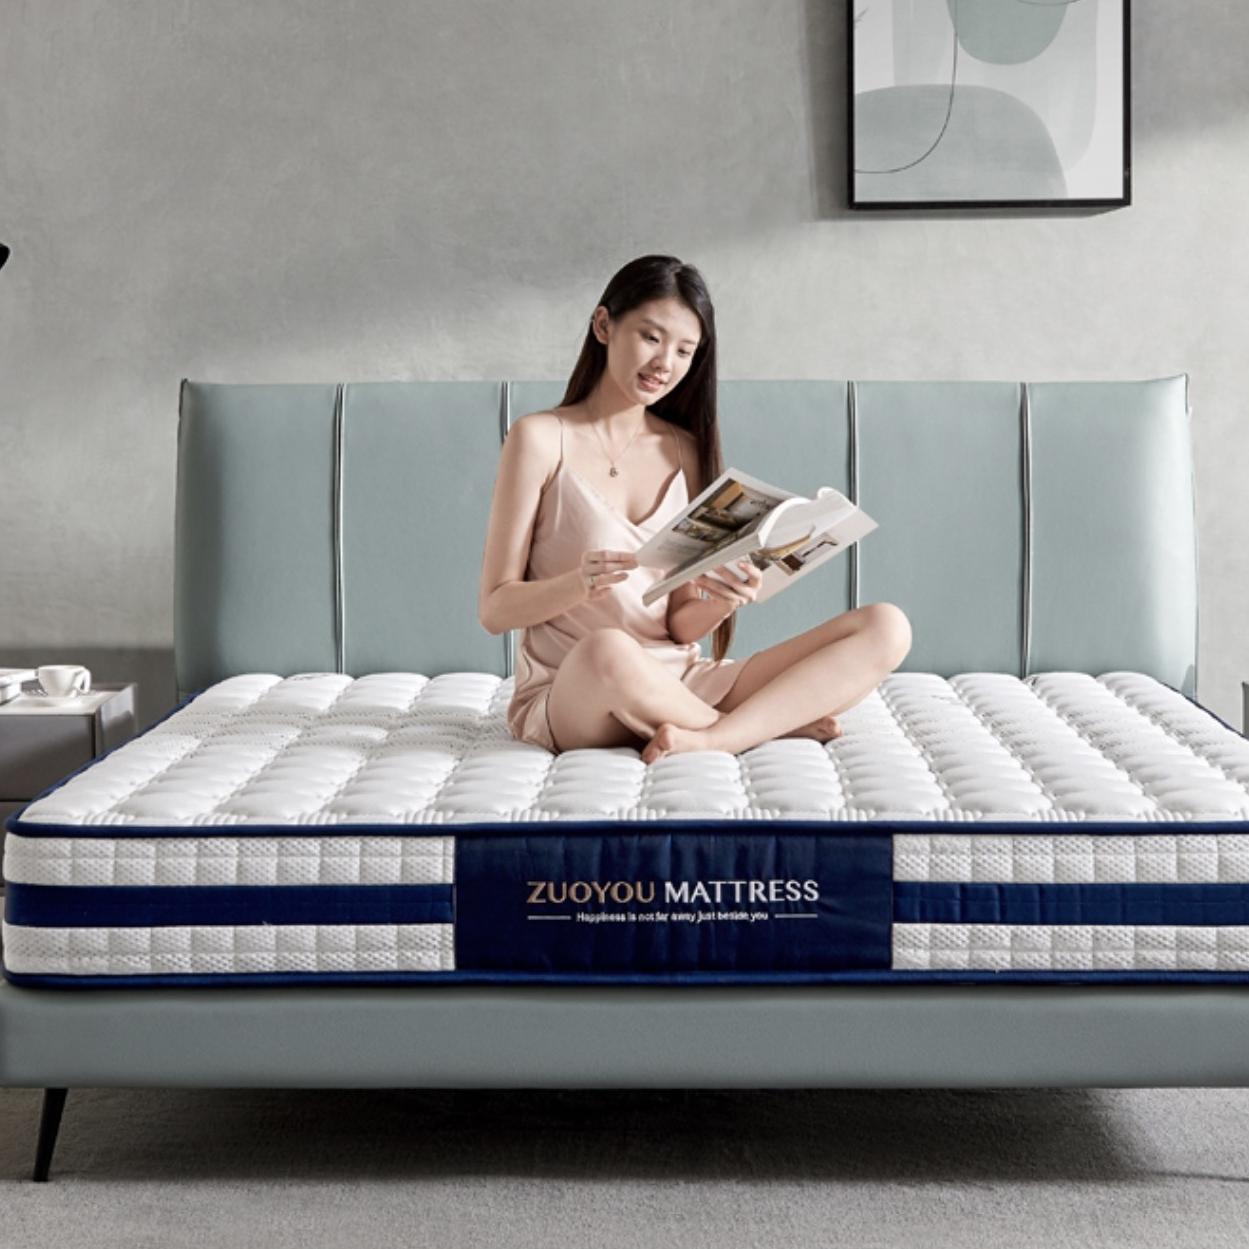 新品发售:ZUOYOU 左右家私 左右 DCW071 乳胶床垫 1800mm*2000mm